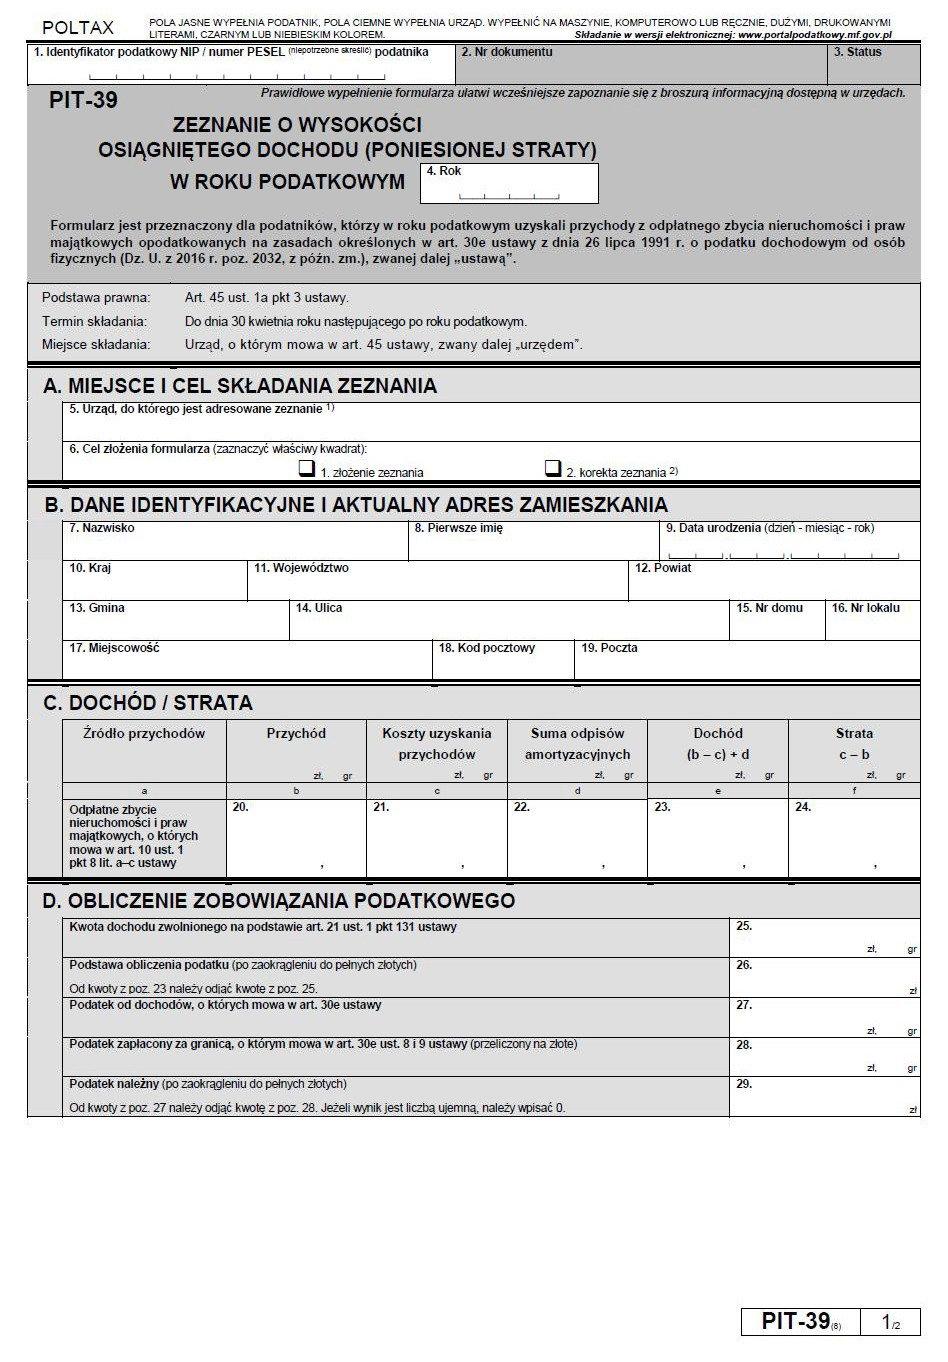 PIT-39 podatek od sprzedaży nieruchomości